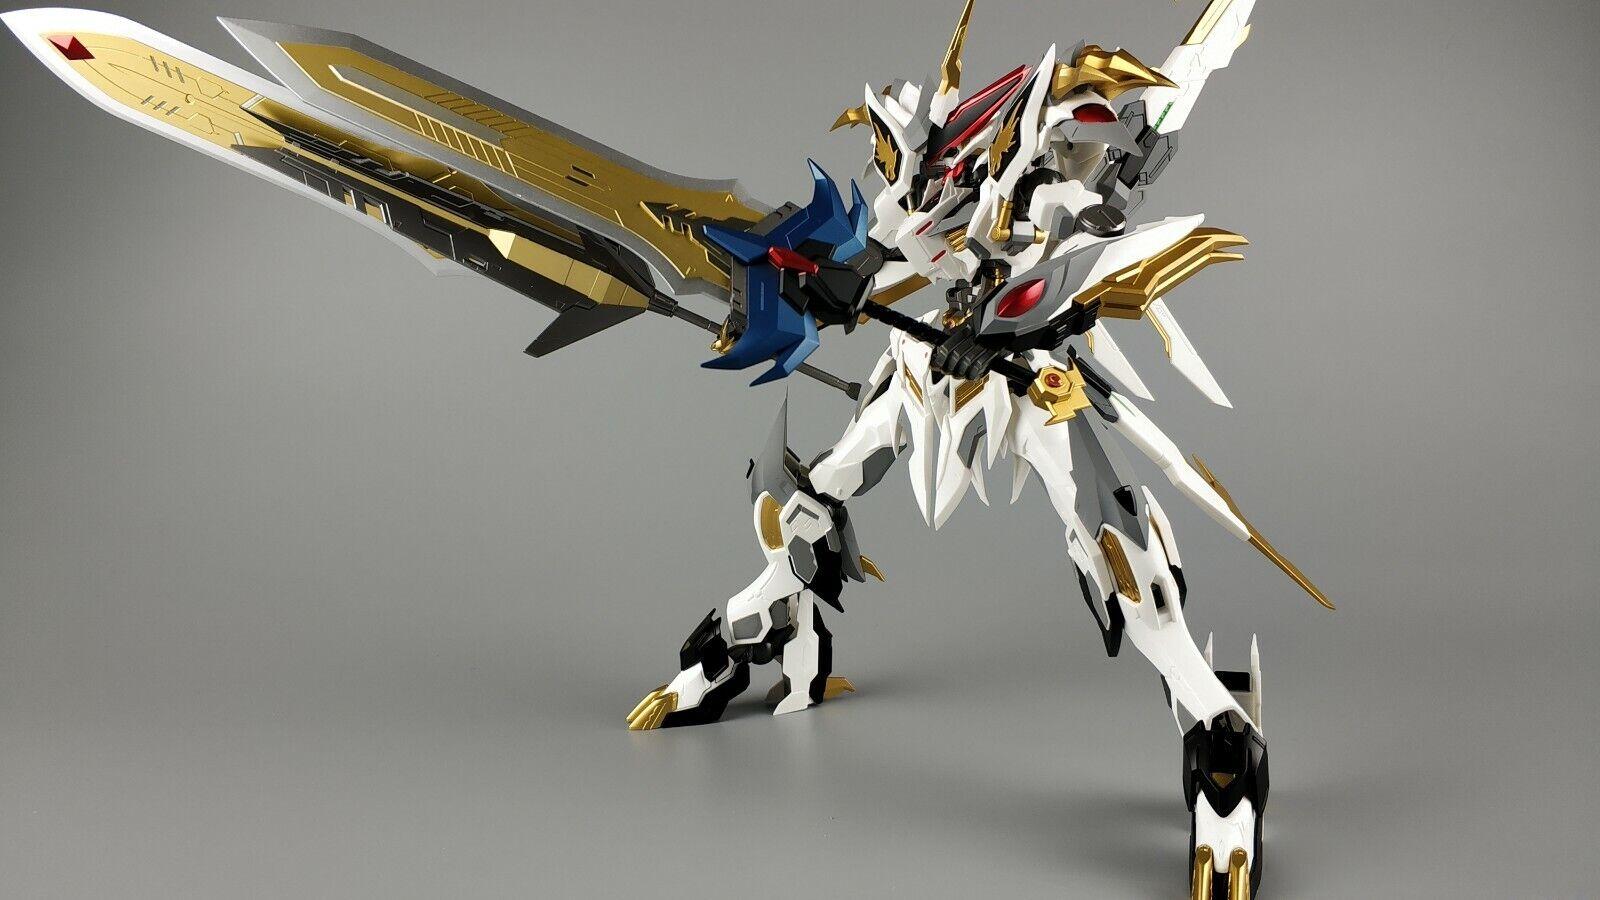 1 100 Metal mito Barbatos dragón rey Gundam Kit modelo de robots juguetes figura de acción